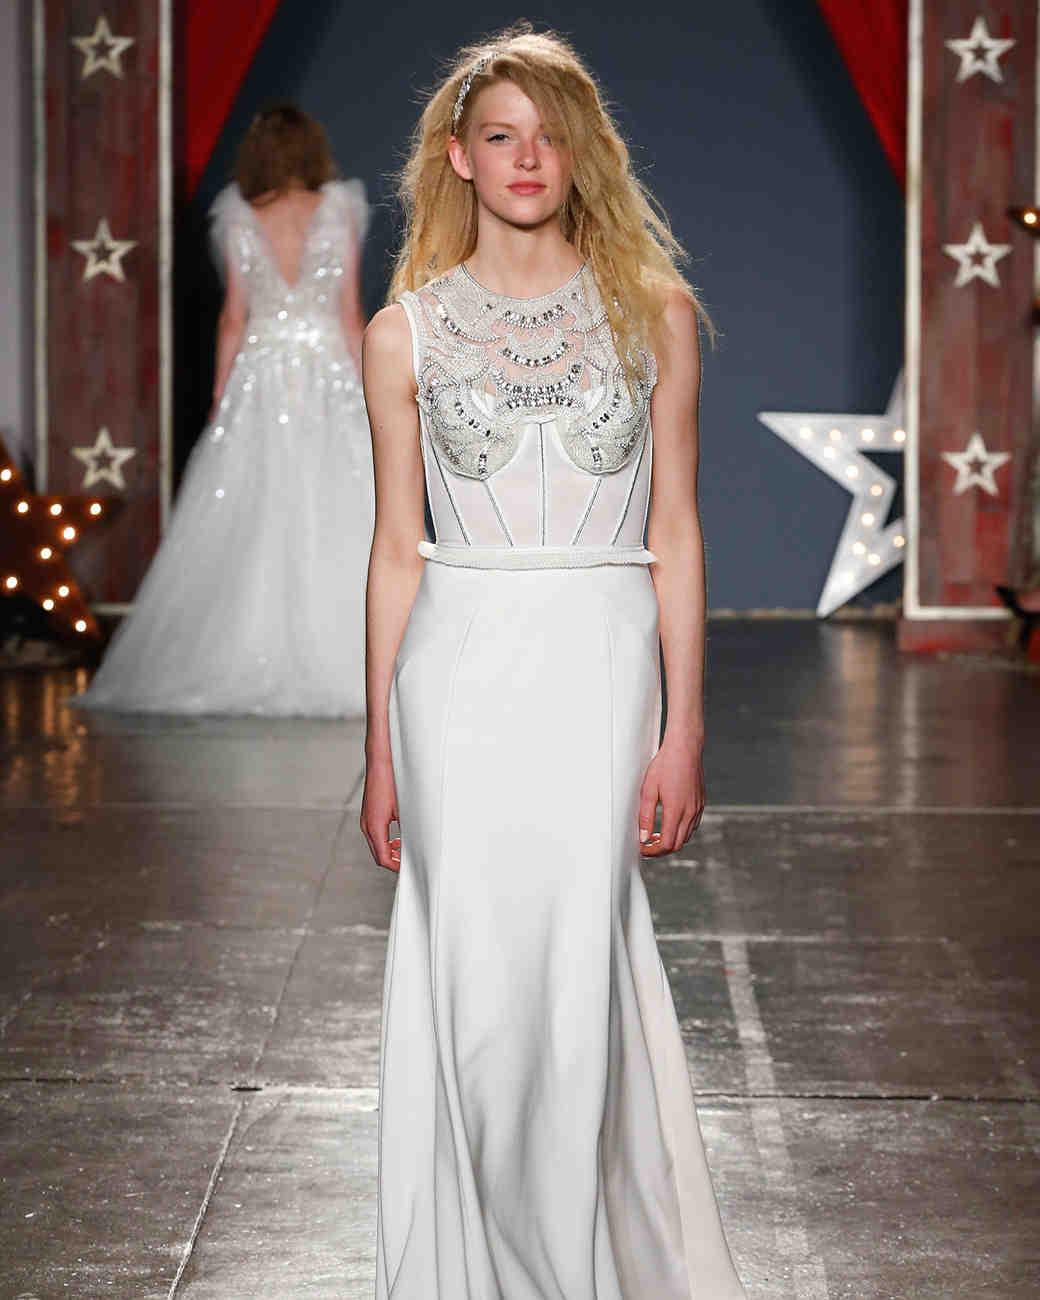 jenny packham wedding dress spring 2018 high-neck embellished bodice